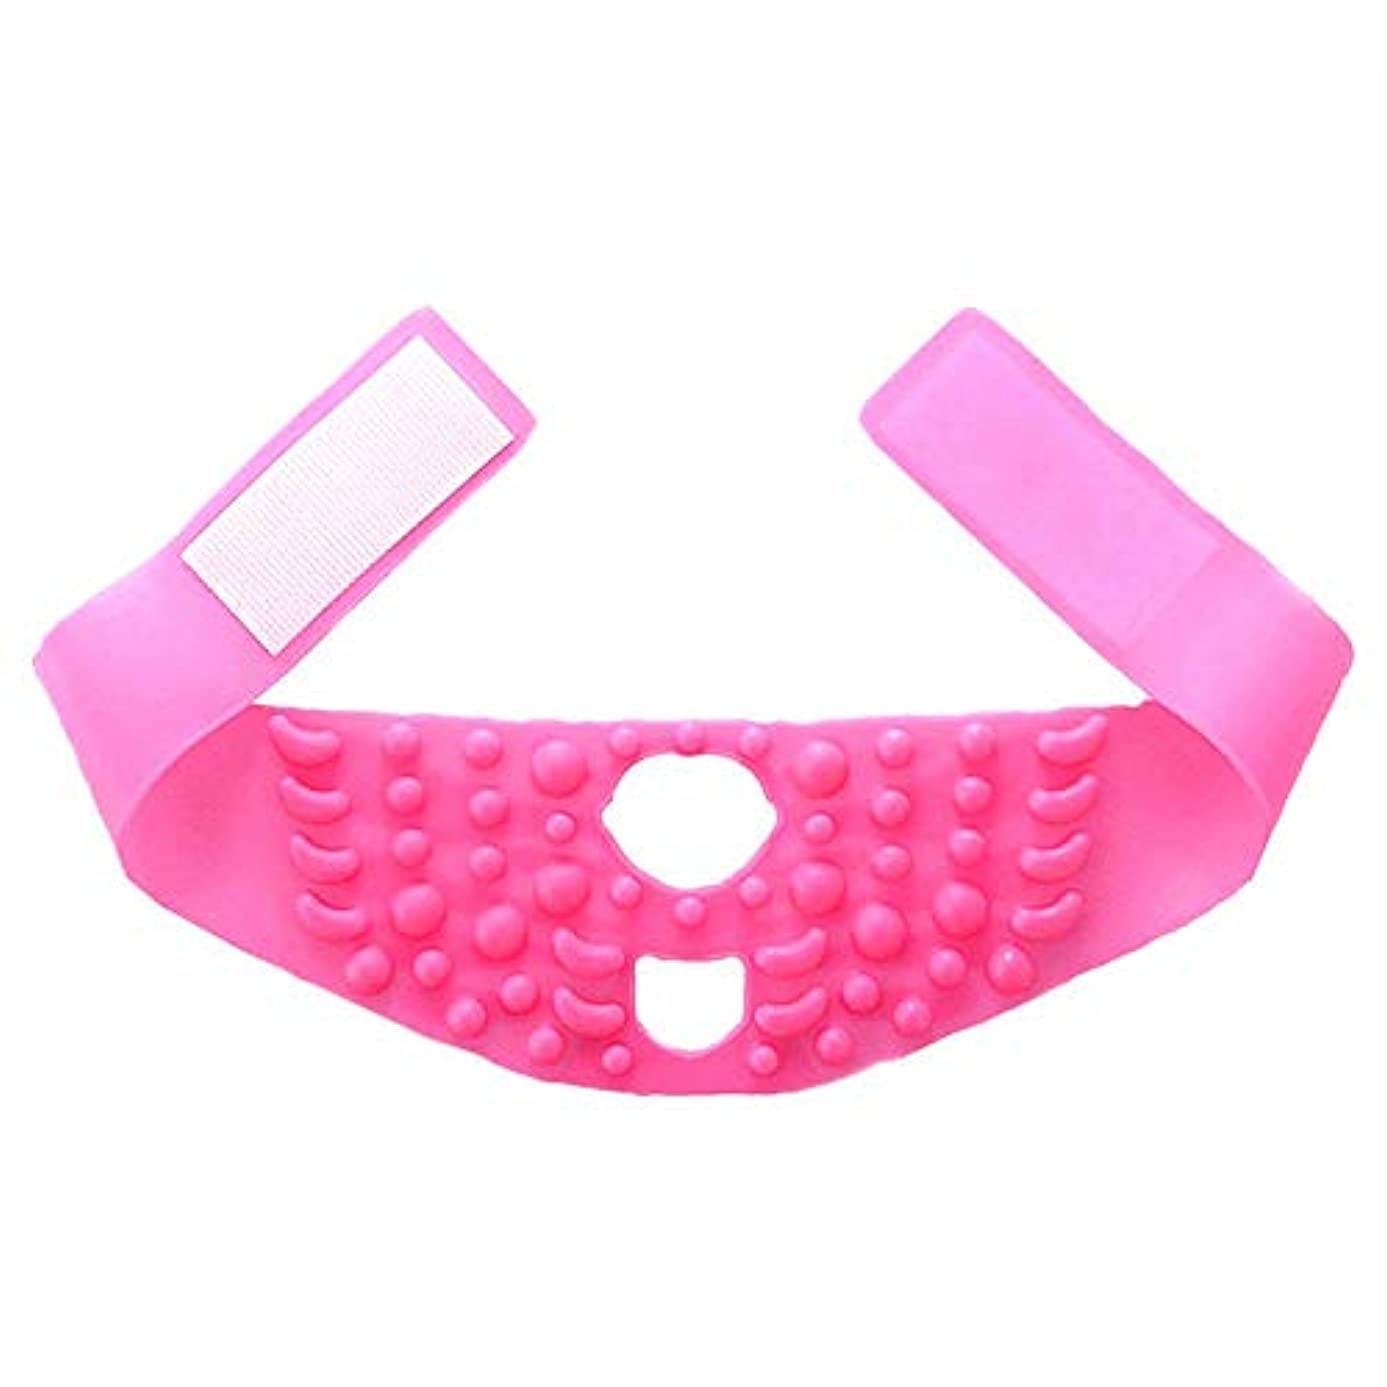 トリップ変換する部門シンフェイスマスクシリコーンマッサージ引き締まった形の小さなVフェイスリフティングに薄いフェイスアーティファクト包帯を飾る - ピンク